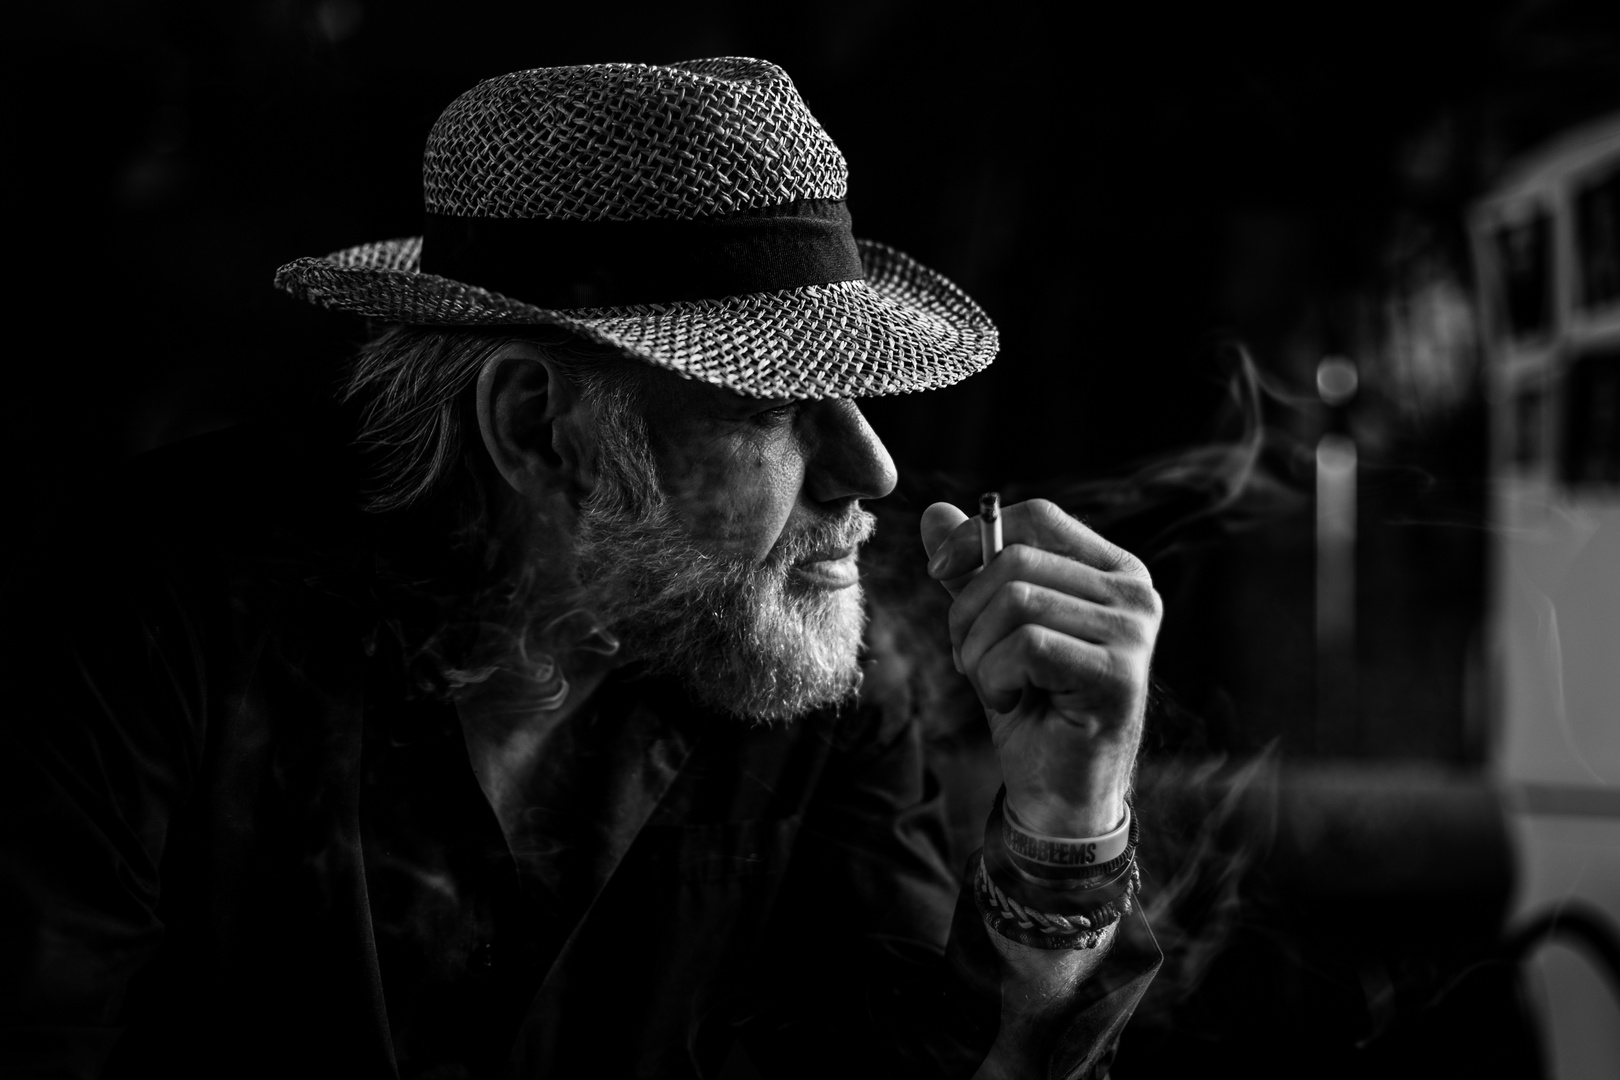 Nicht die letzte Zigarette